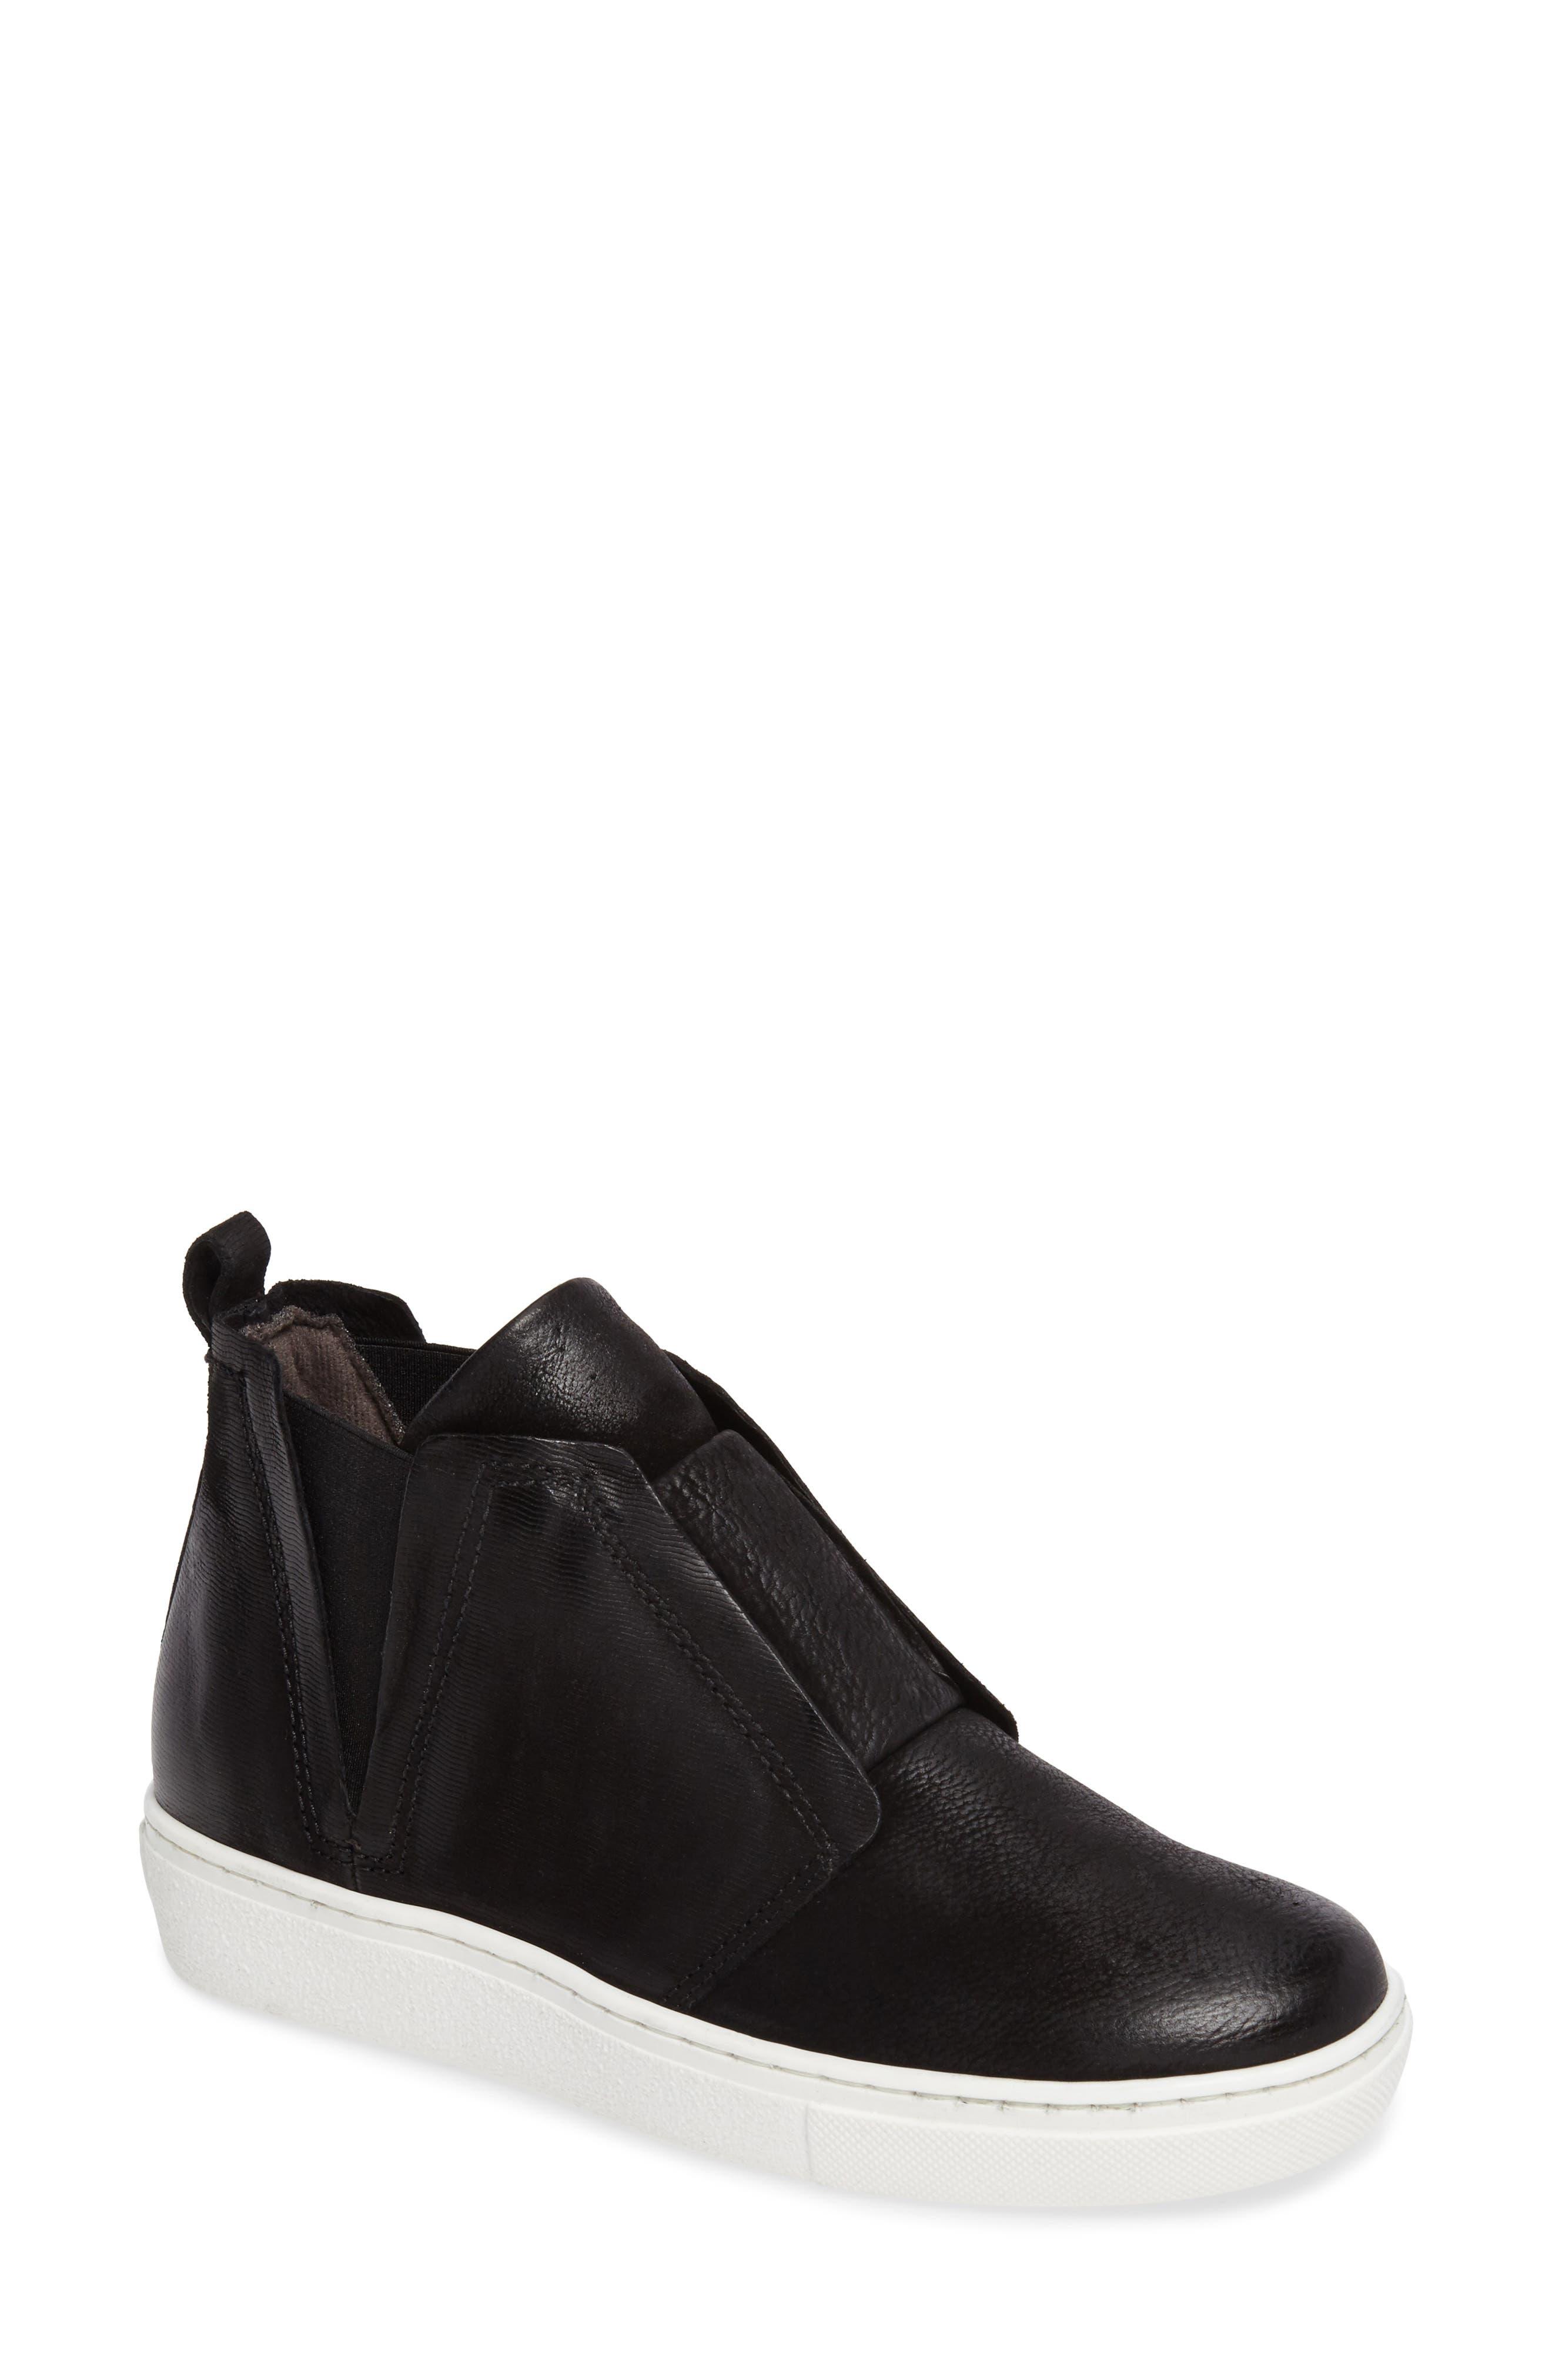 Laurent High Top Sneaker,                             Main thumbnail 1, color,                             Black